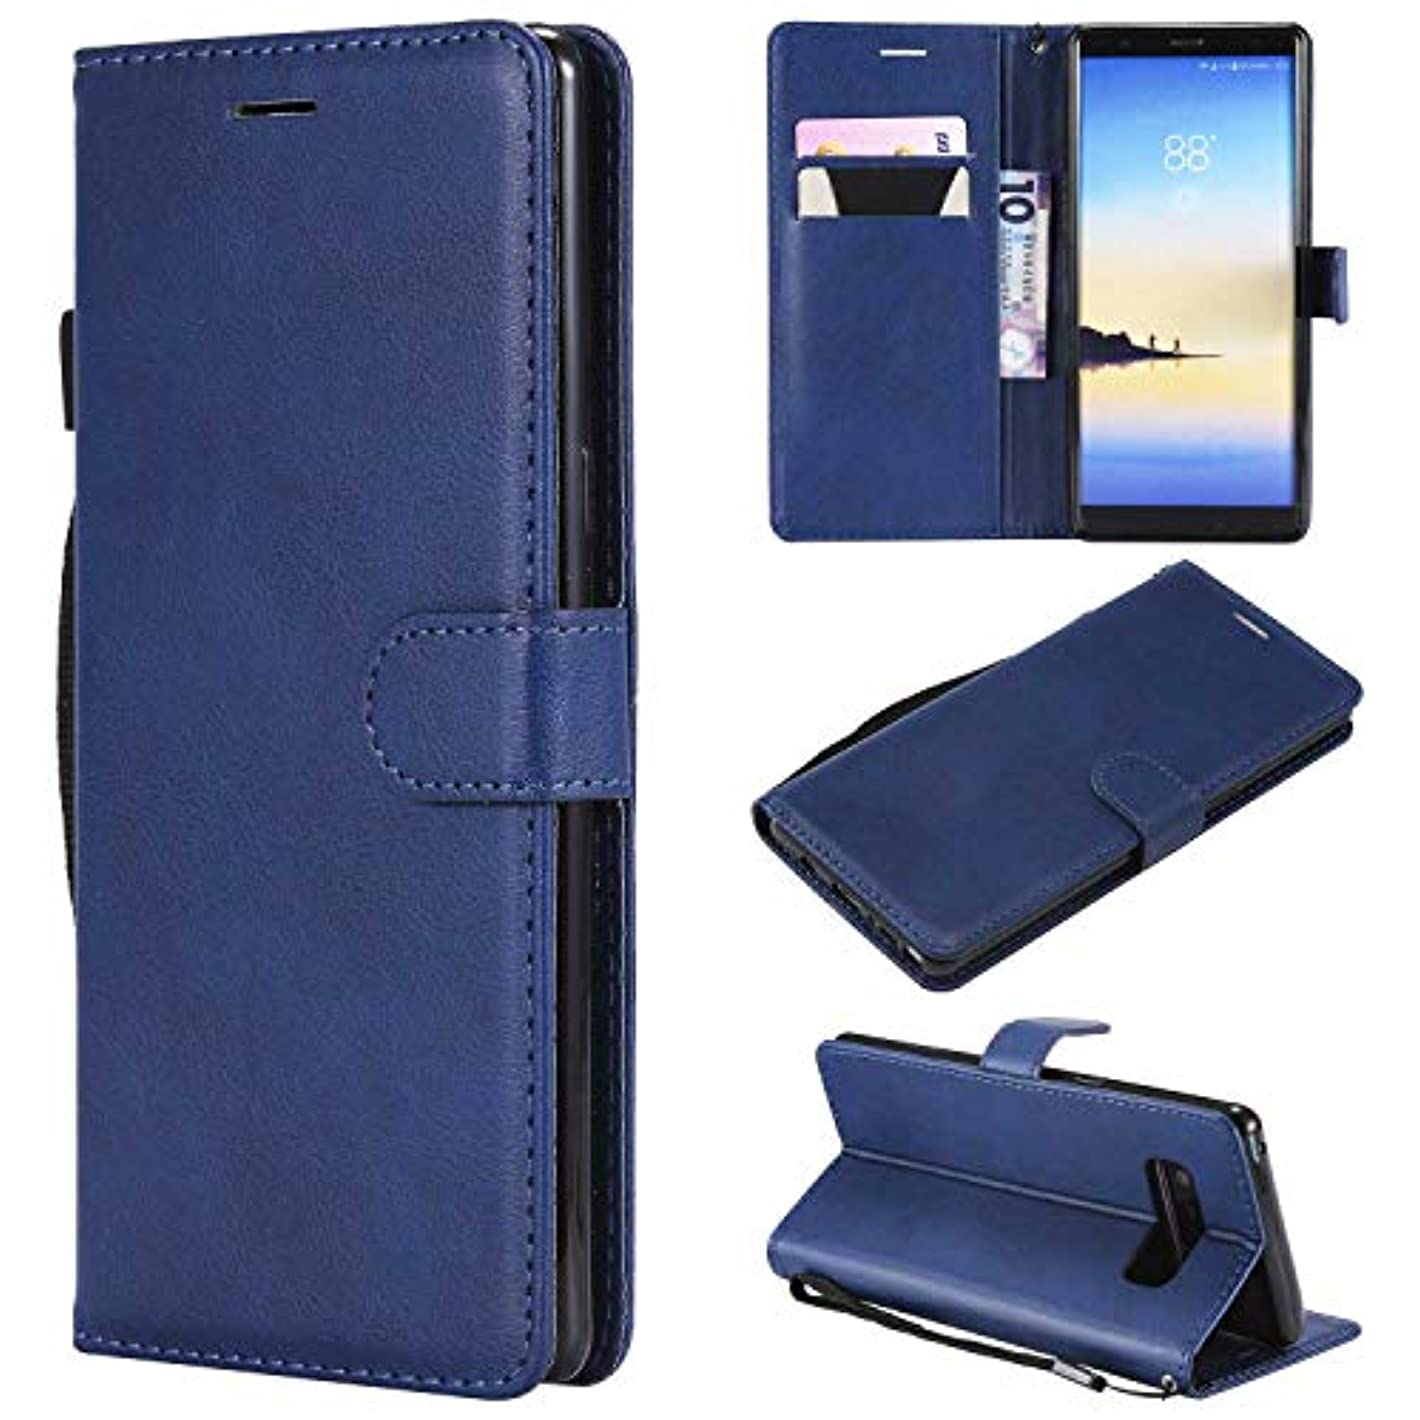 樫の木事業内容スロベニアGalaxy Note 8 ケース手帳型 OMATENTI レザー 革 薄型 手帳型カバー カード入れ スタンド機能 サムスン Galaxy Note 8 おしゃれ 手帳ケース (6-ブルー)